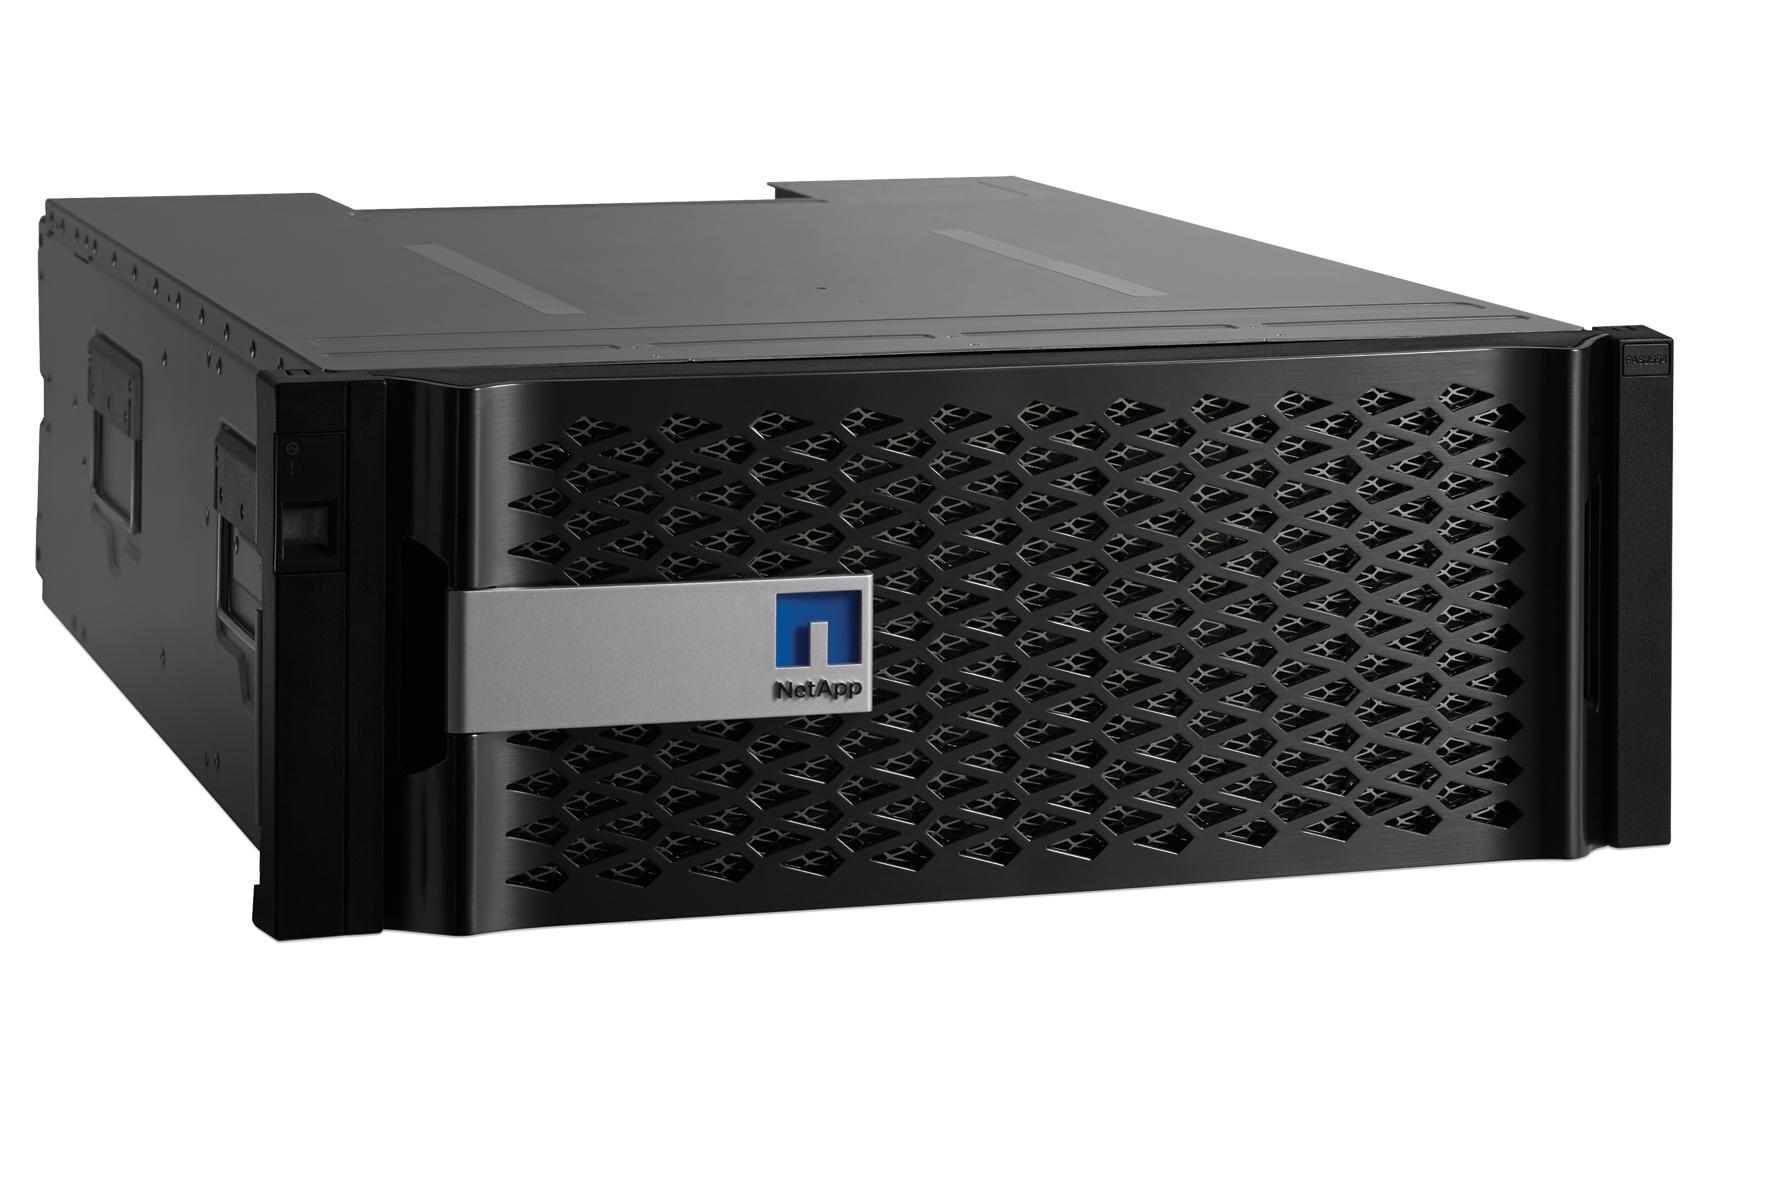 NetApp FAS2500 – nowa jakość za niewielkie pieniądze